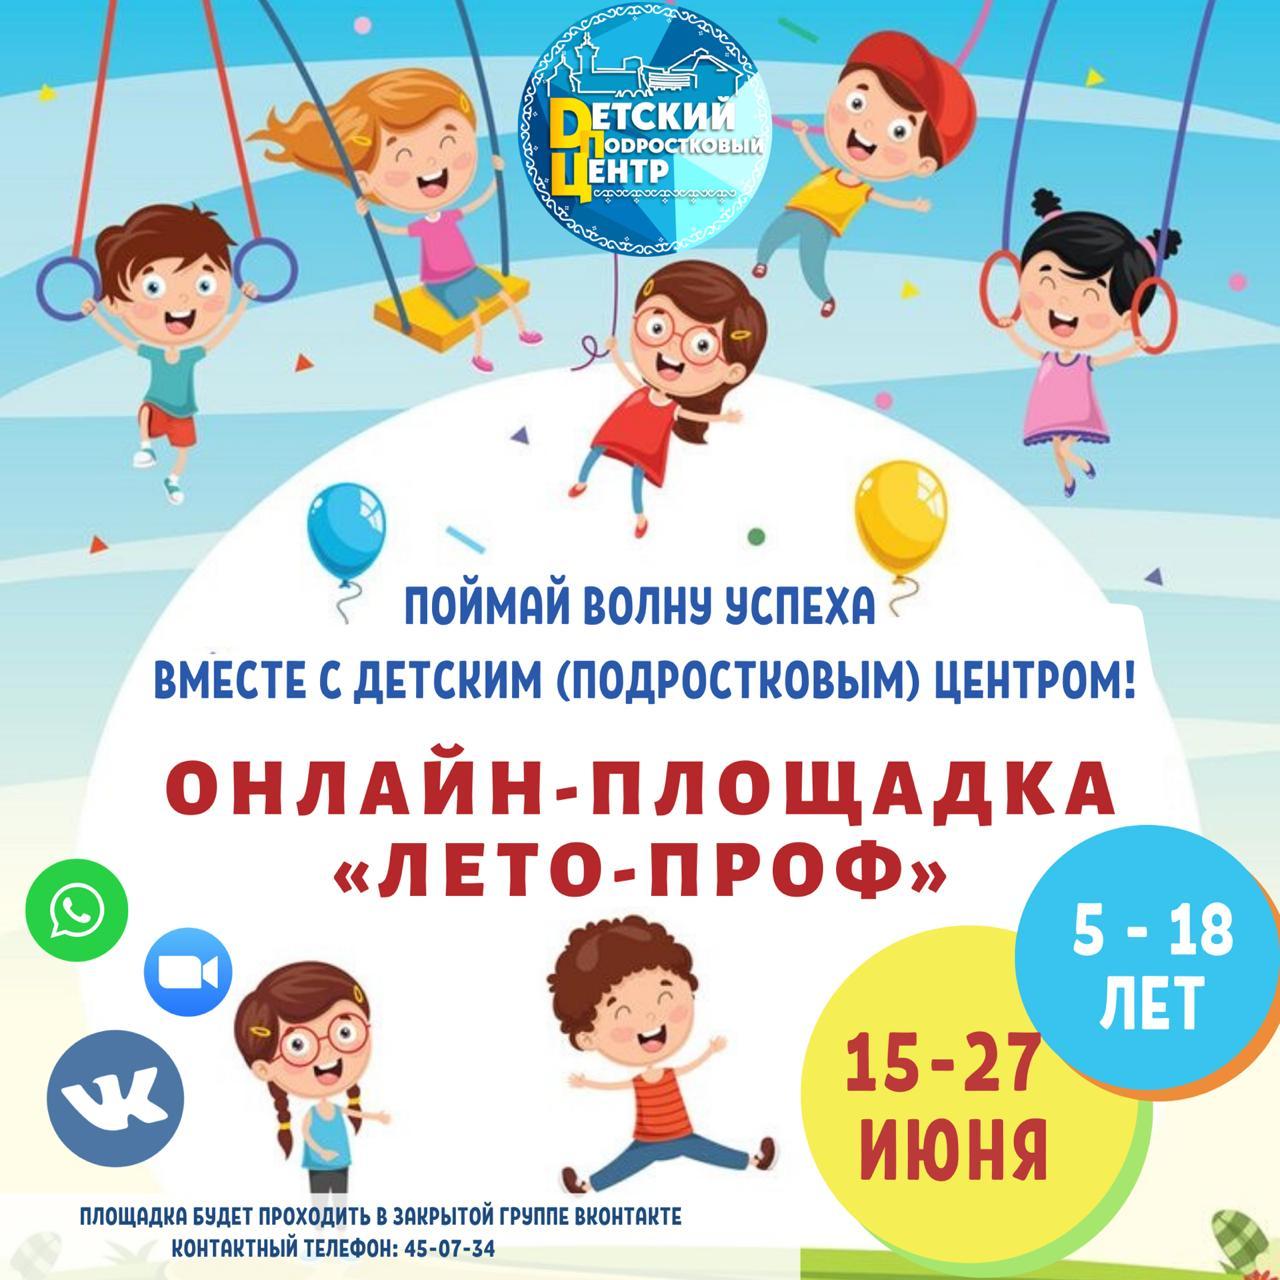 Детский (подростковый) центр приглашает на онлайн-площадку «Лето-проф»